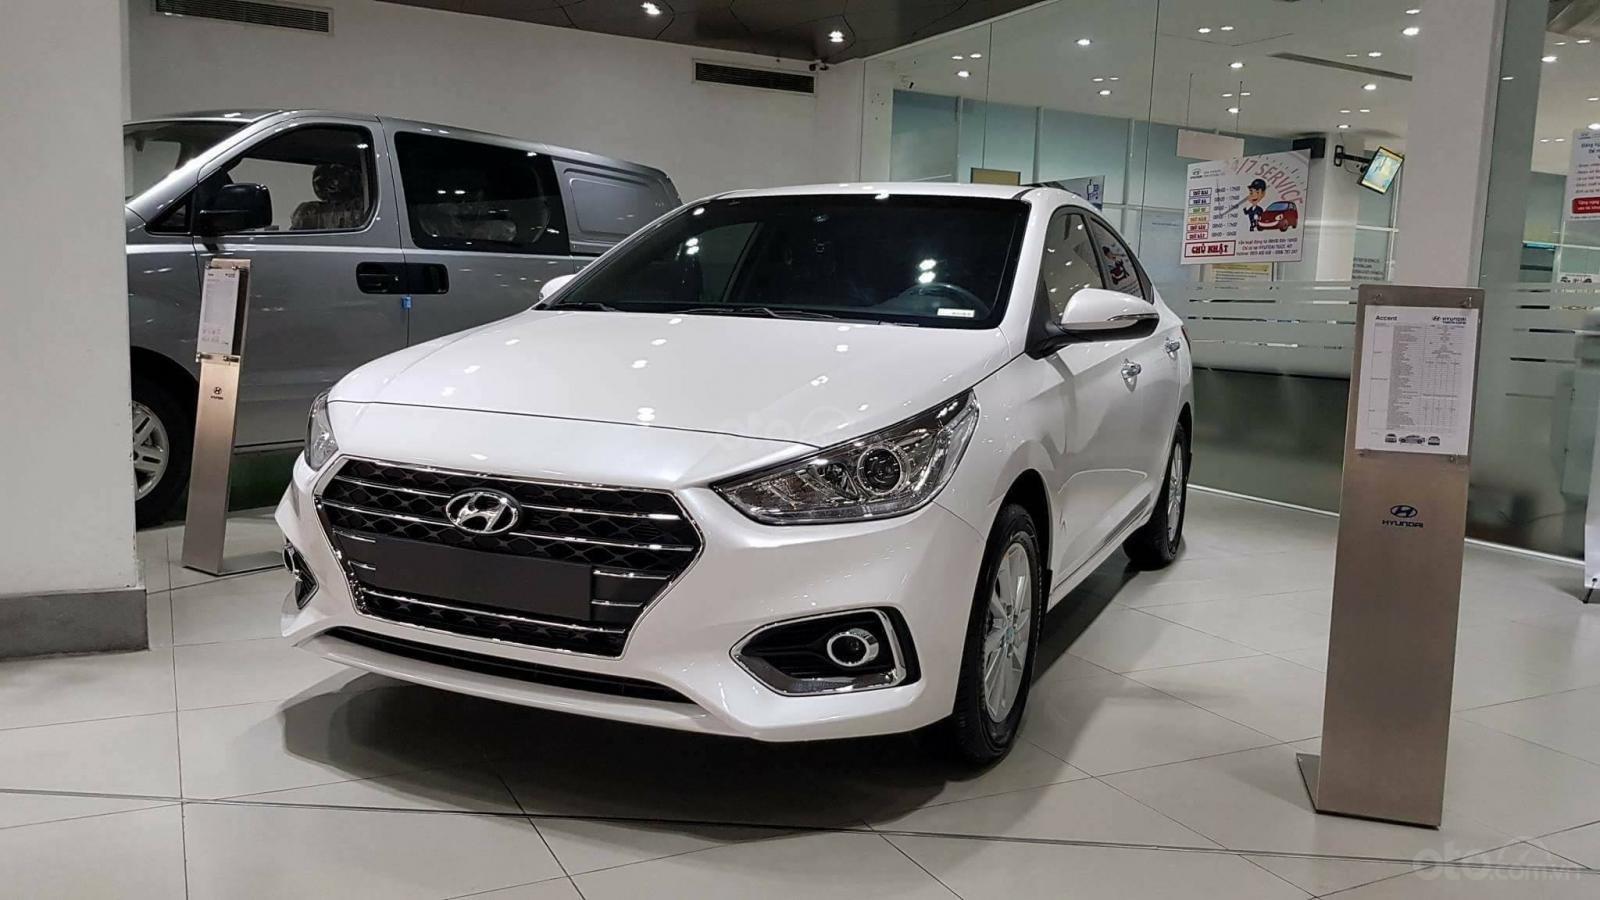 Hyundai Accent - giá ưu đãi - khuyến mãi cực nhiều- đủ màu- giao ngay - chỉ 130tr có xe - LH 0909862412-6